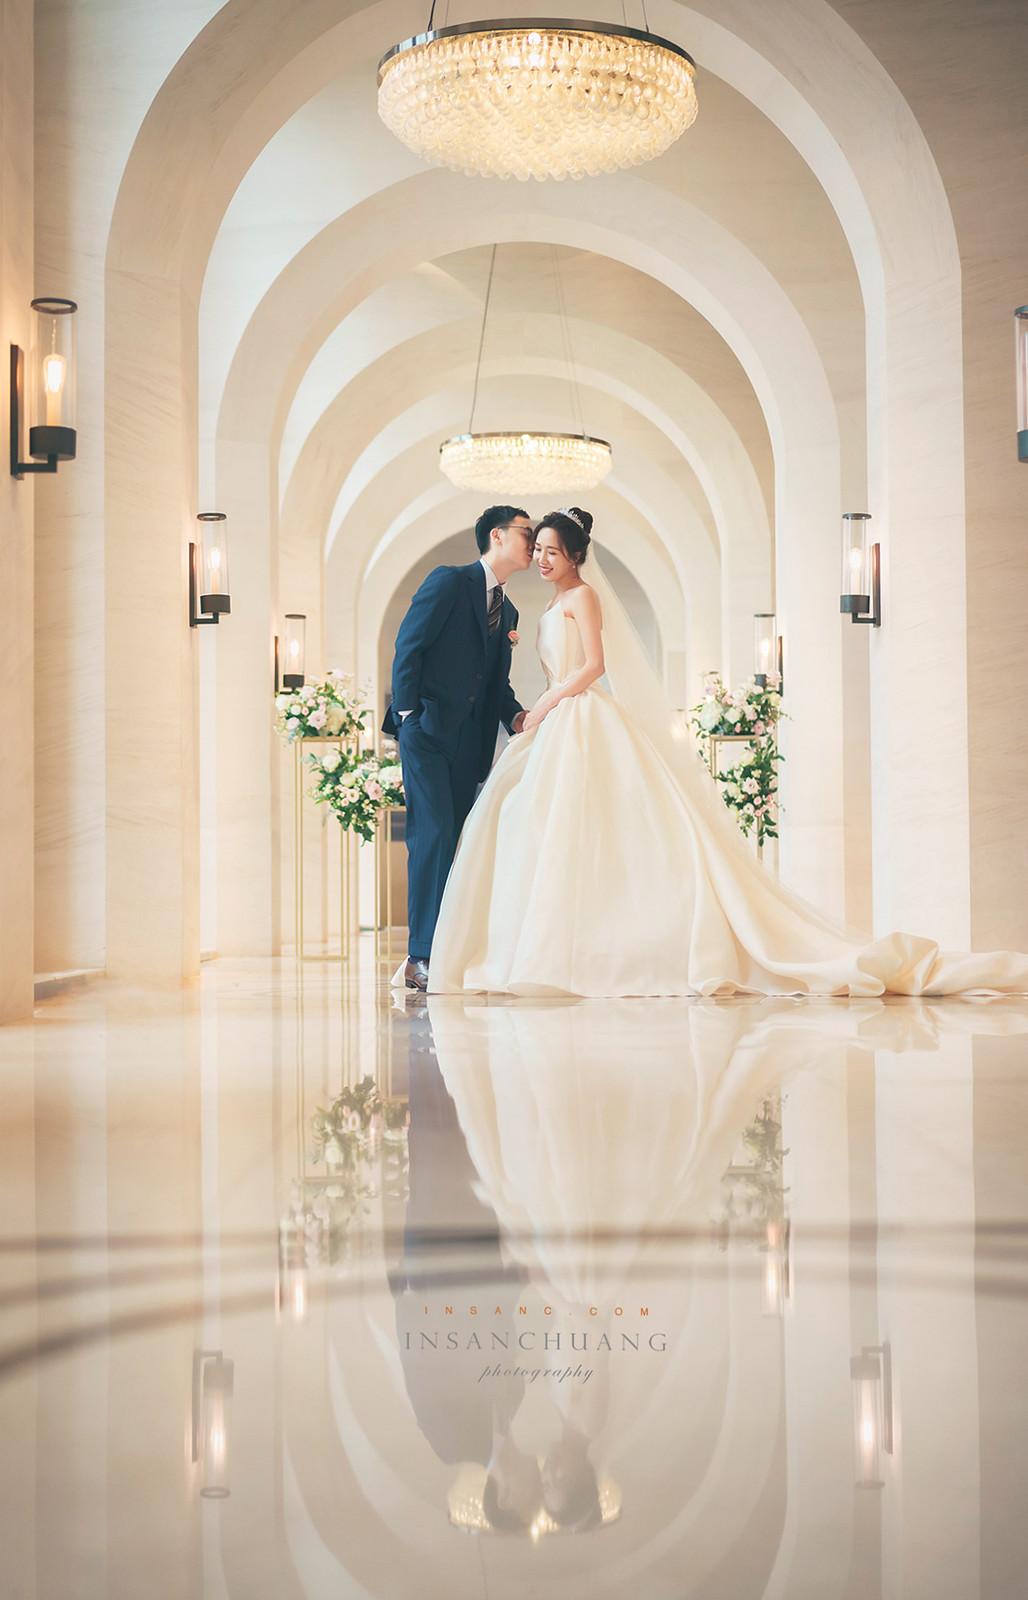 婚攝英聖-萬豪酒店美式婚禮-婚攝英聖-萬豪美式婚禮-20210307125928-1920